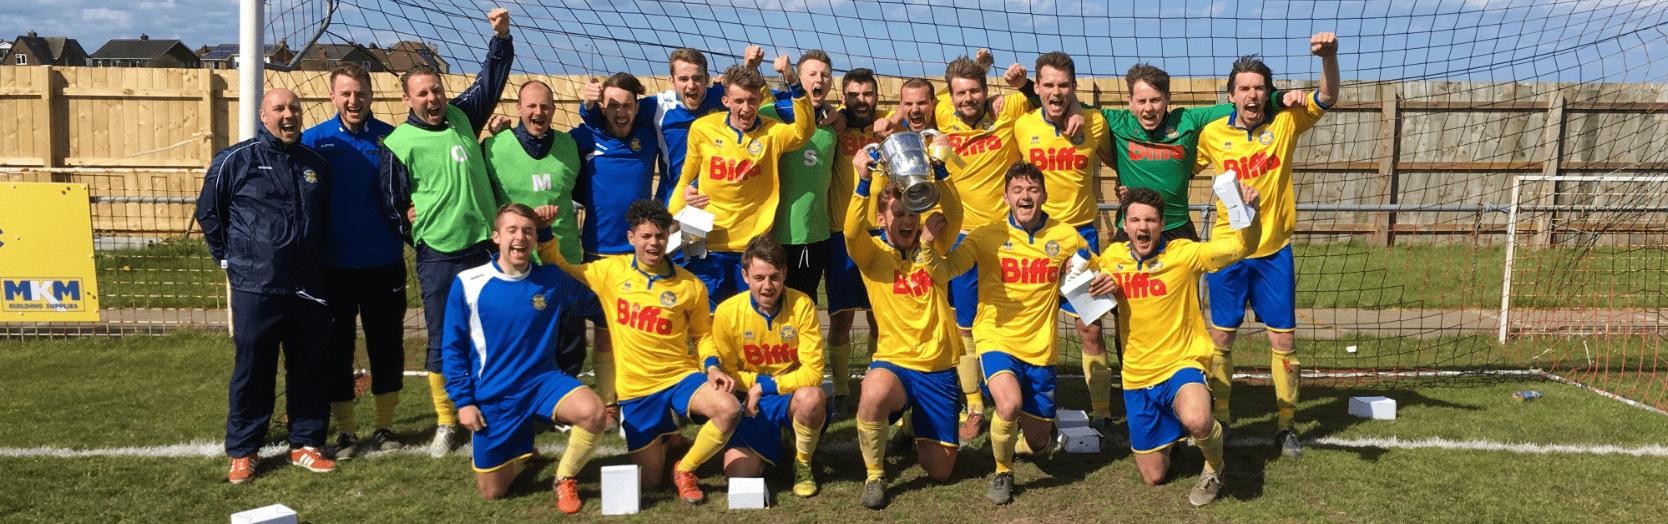 League-Cup-2016